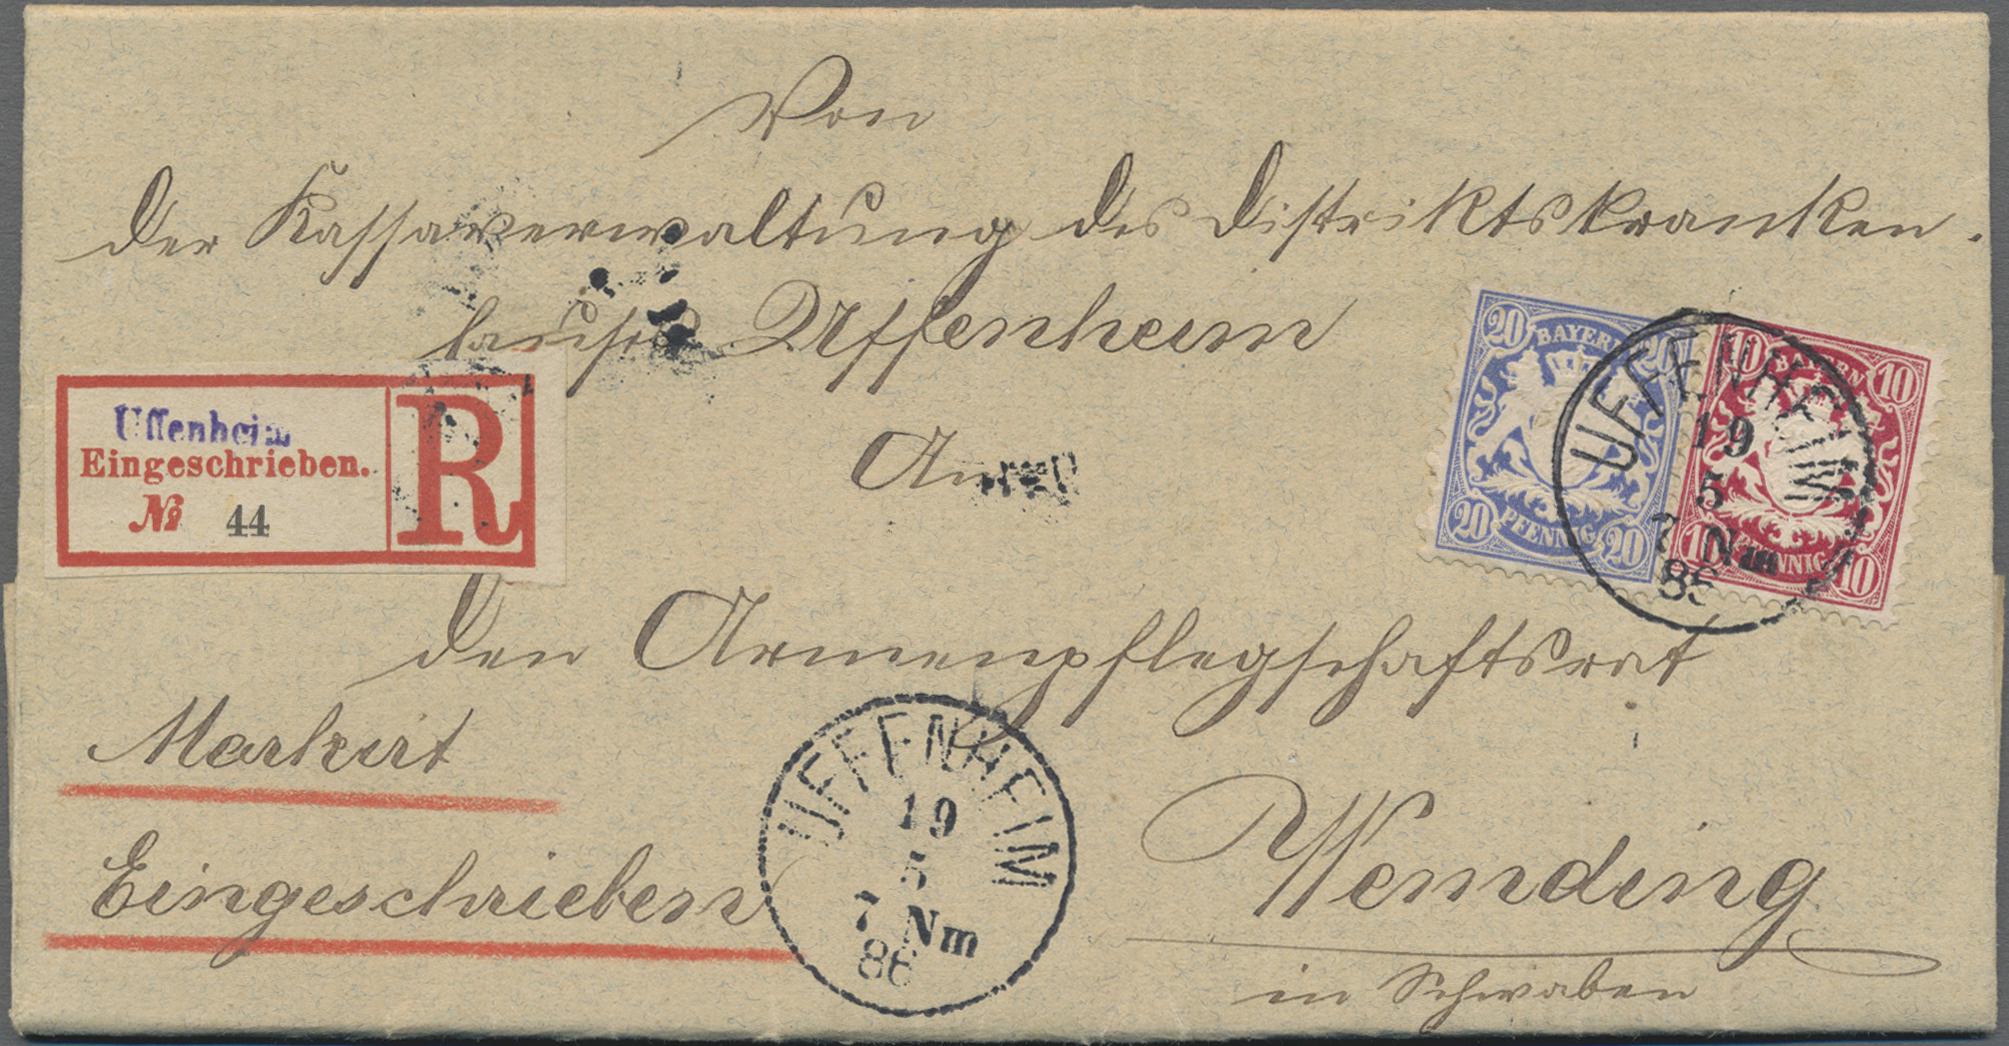 Lot 02419 - Bayern - Marken und Briefe  -  Auktionshaus Christoph Gärtner GmbH & Co. KG 50th Auction Anniversary Auction - Day 7